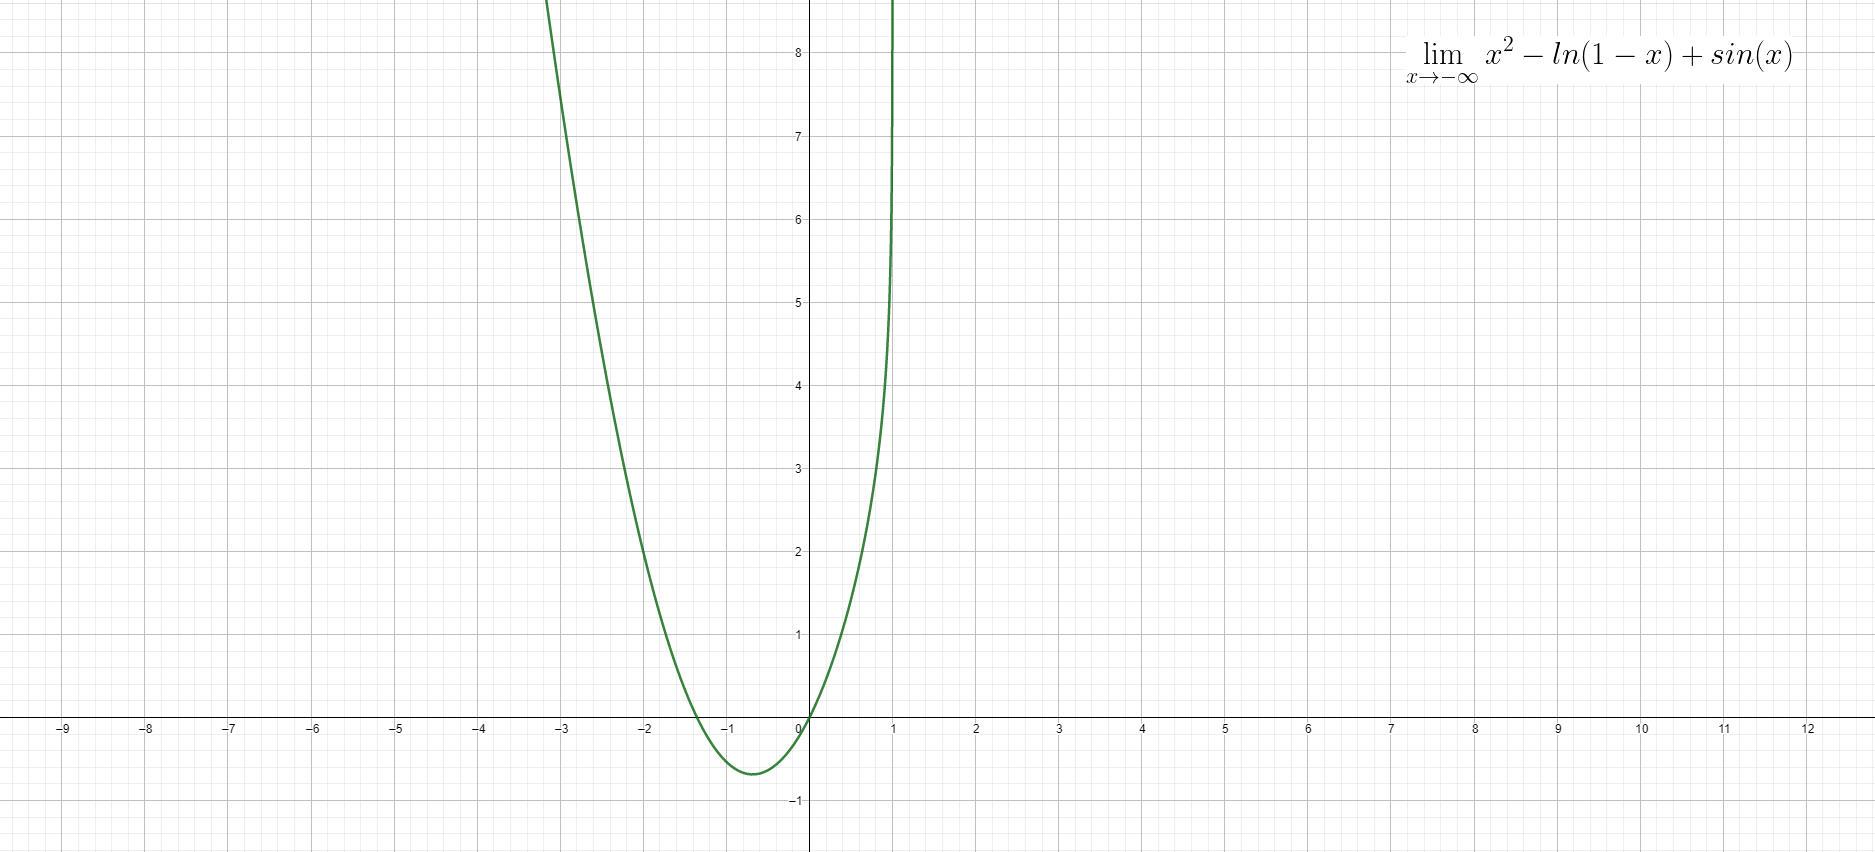 Analisi Matematica - f(x)=x^2-ln(1-x)+sin(x) - Grafico della funzione - AM015-02